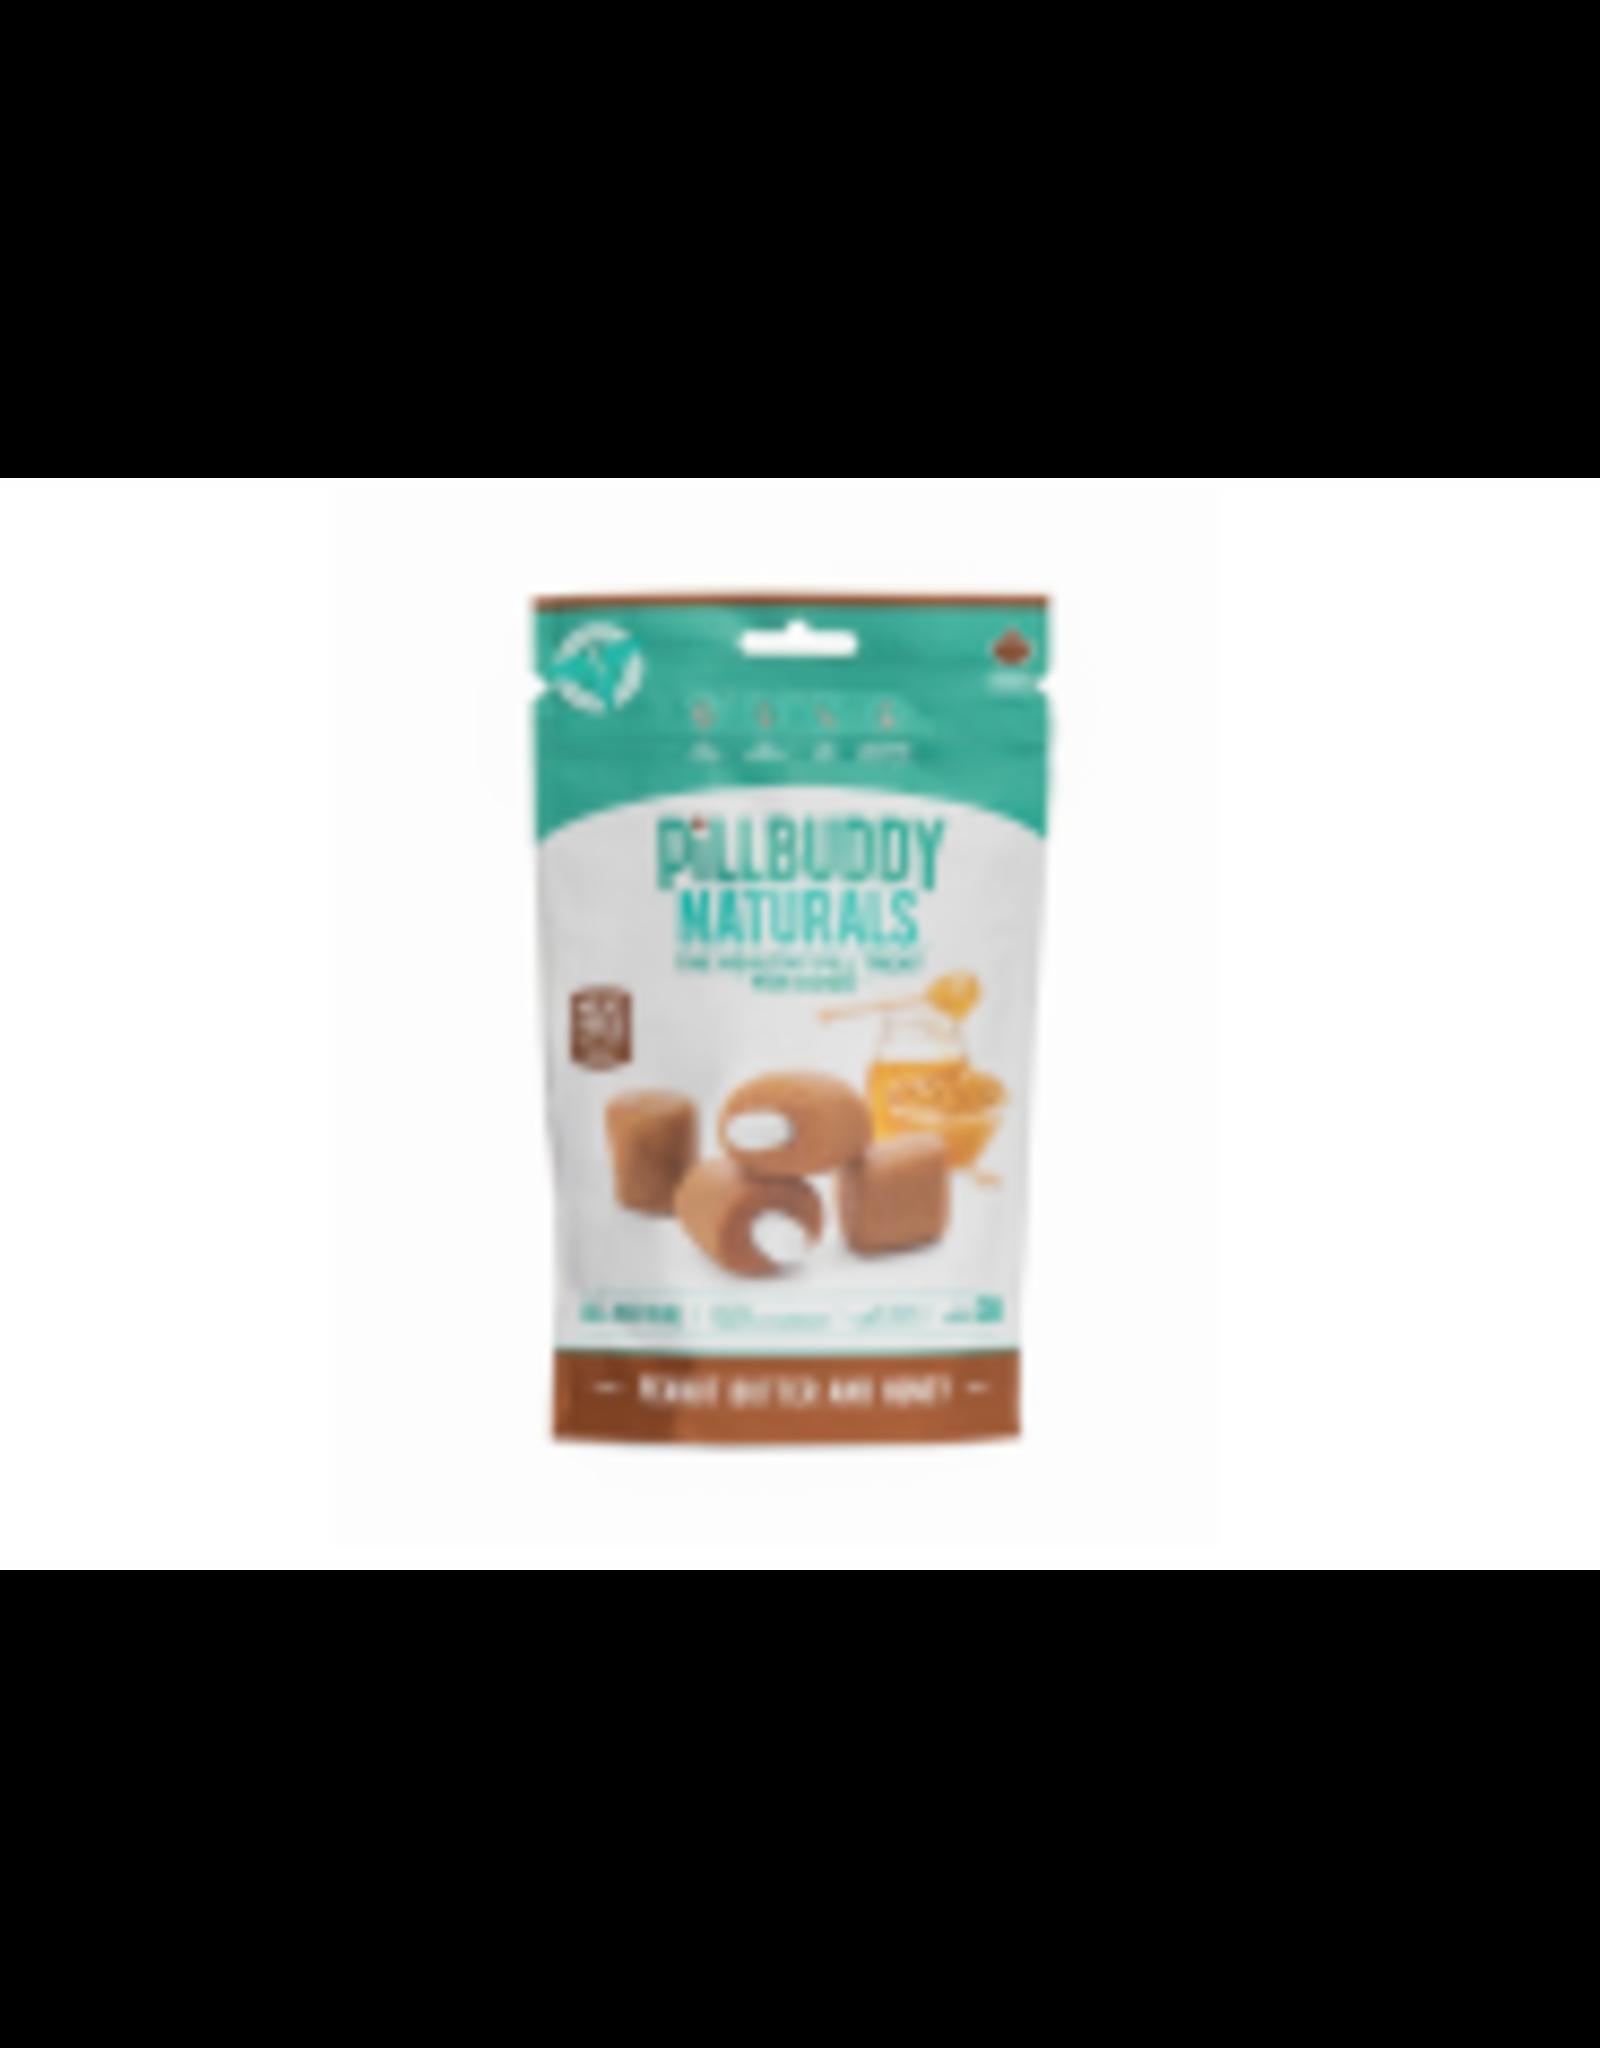 Pill Buddy Naturals Pill Buddy Naturals - Peanut Butter & Honey 150g